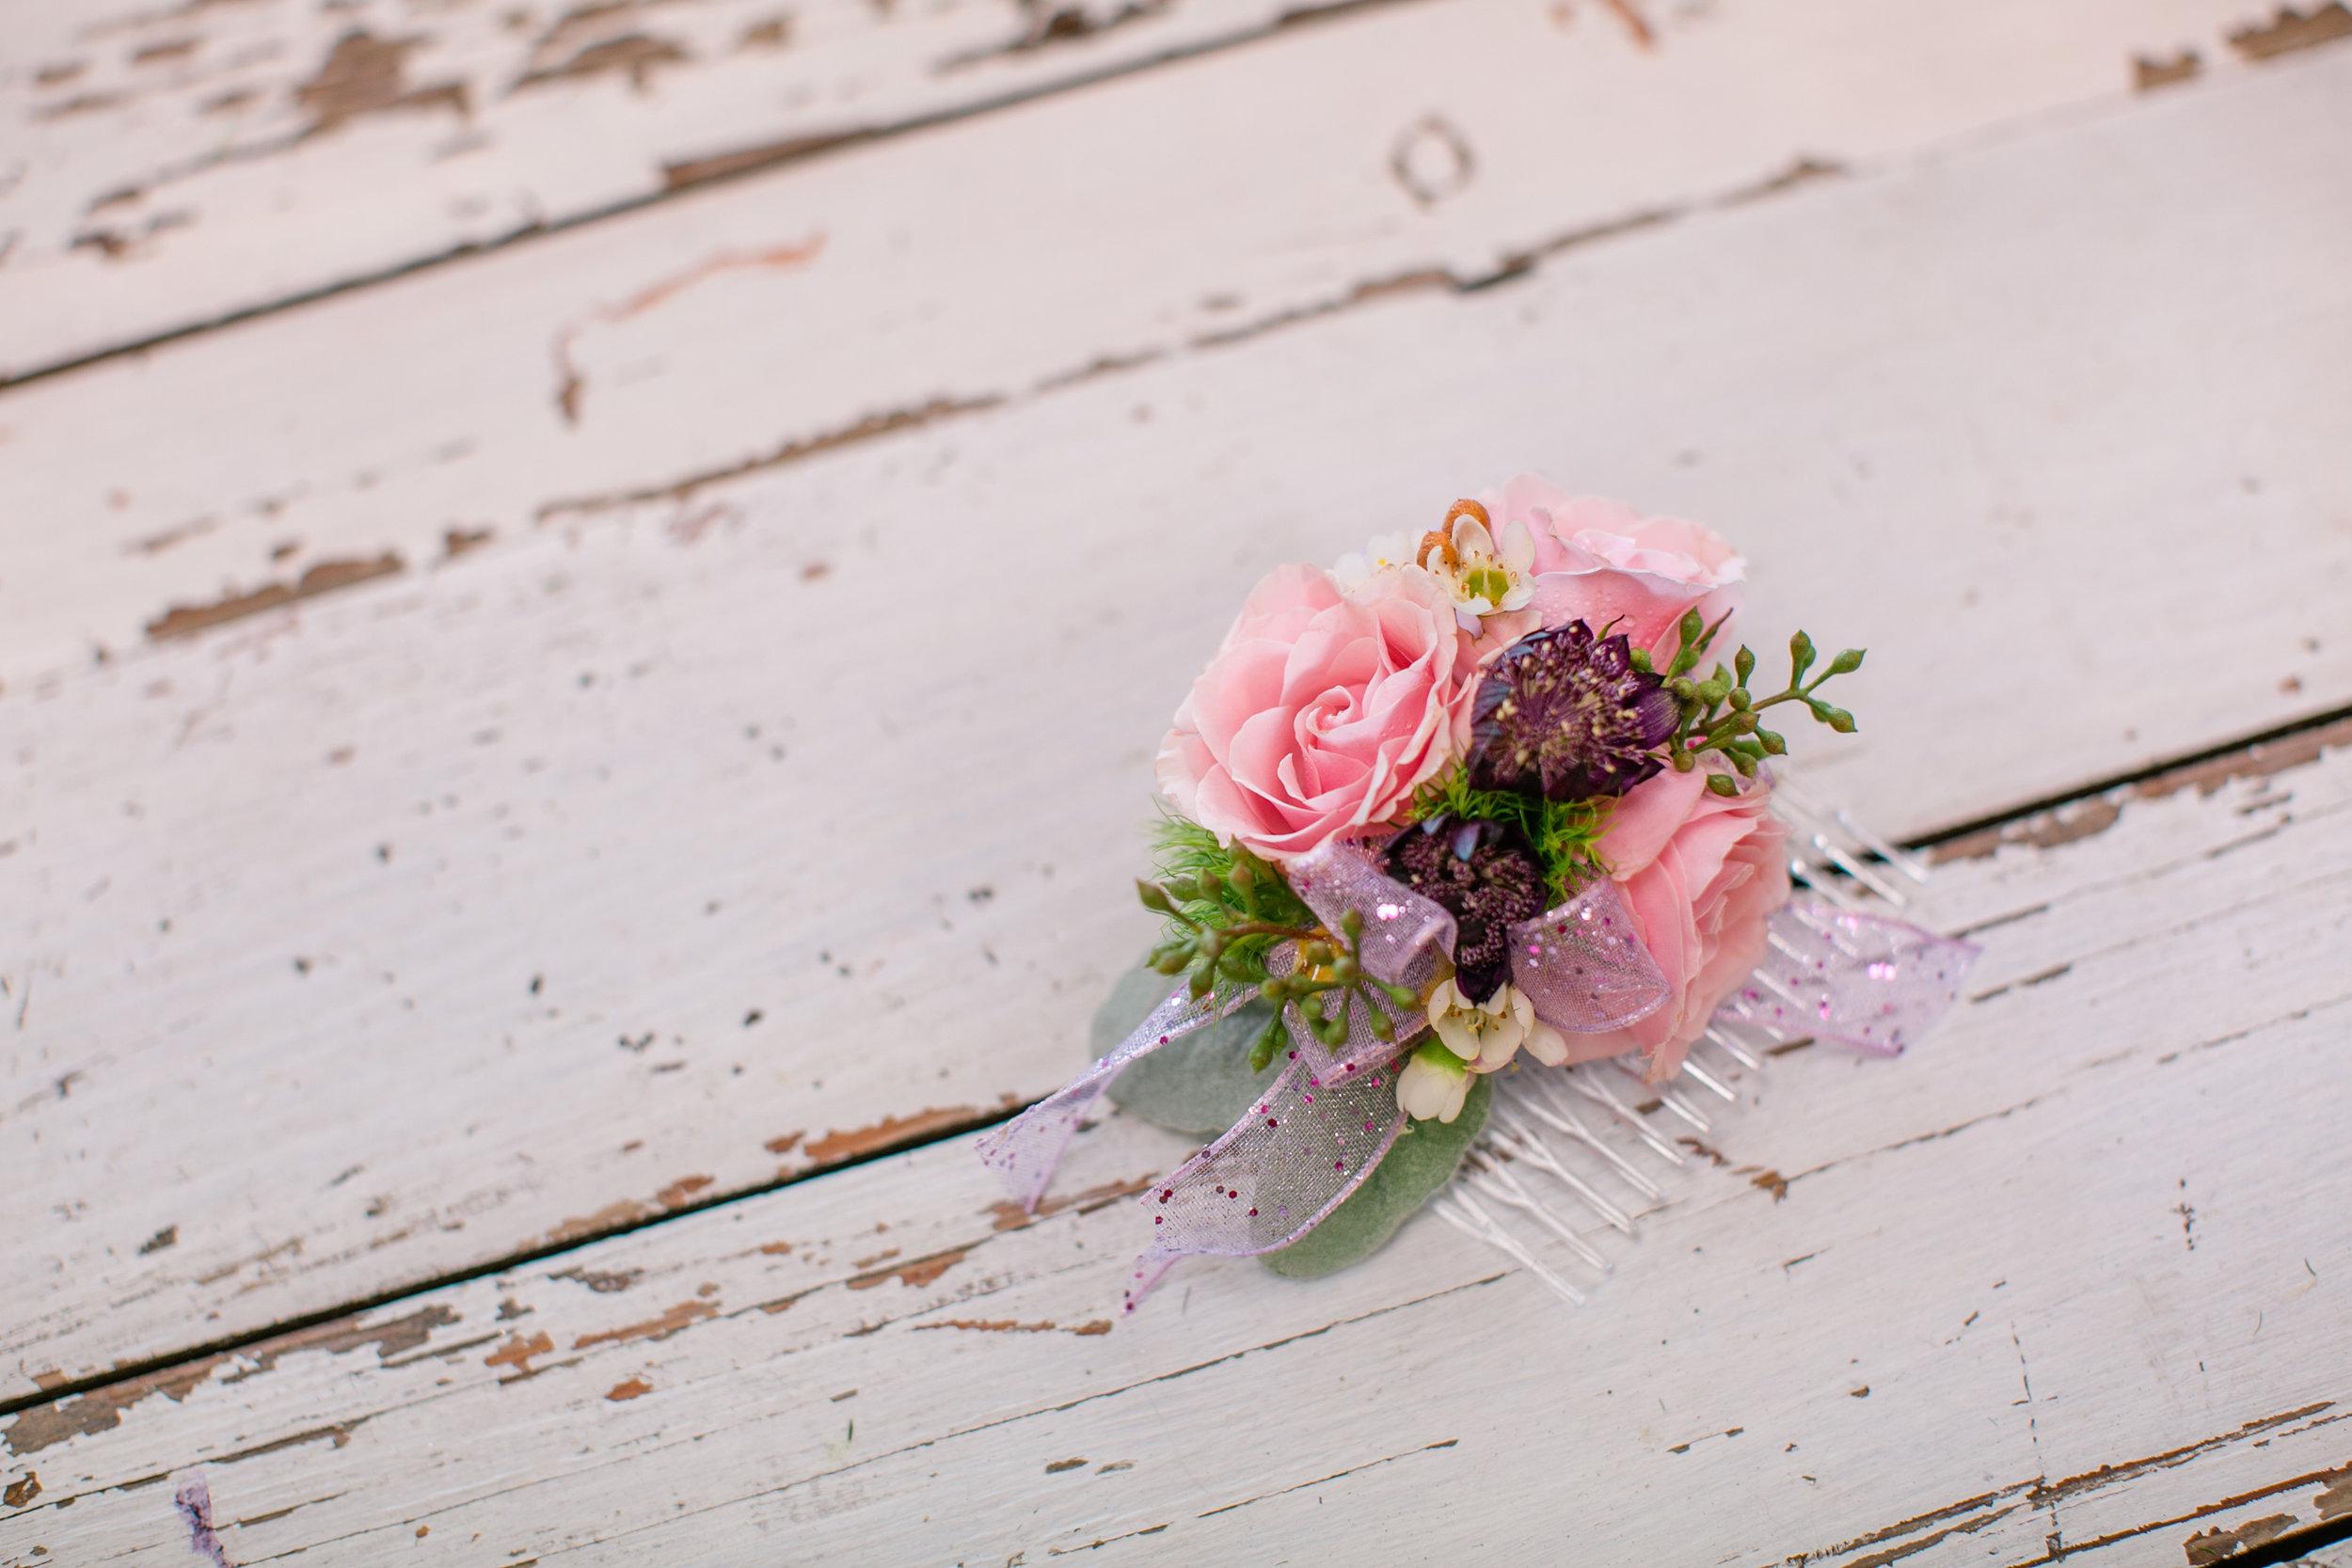 des moines prom flowers corsage boutonnière hair ideas